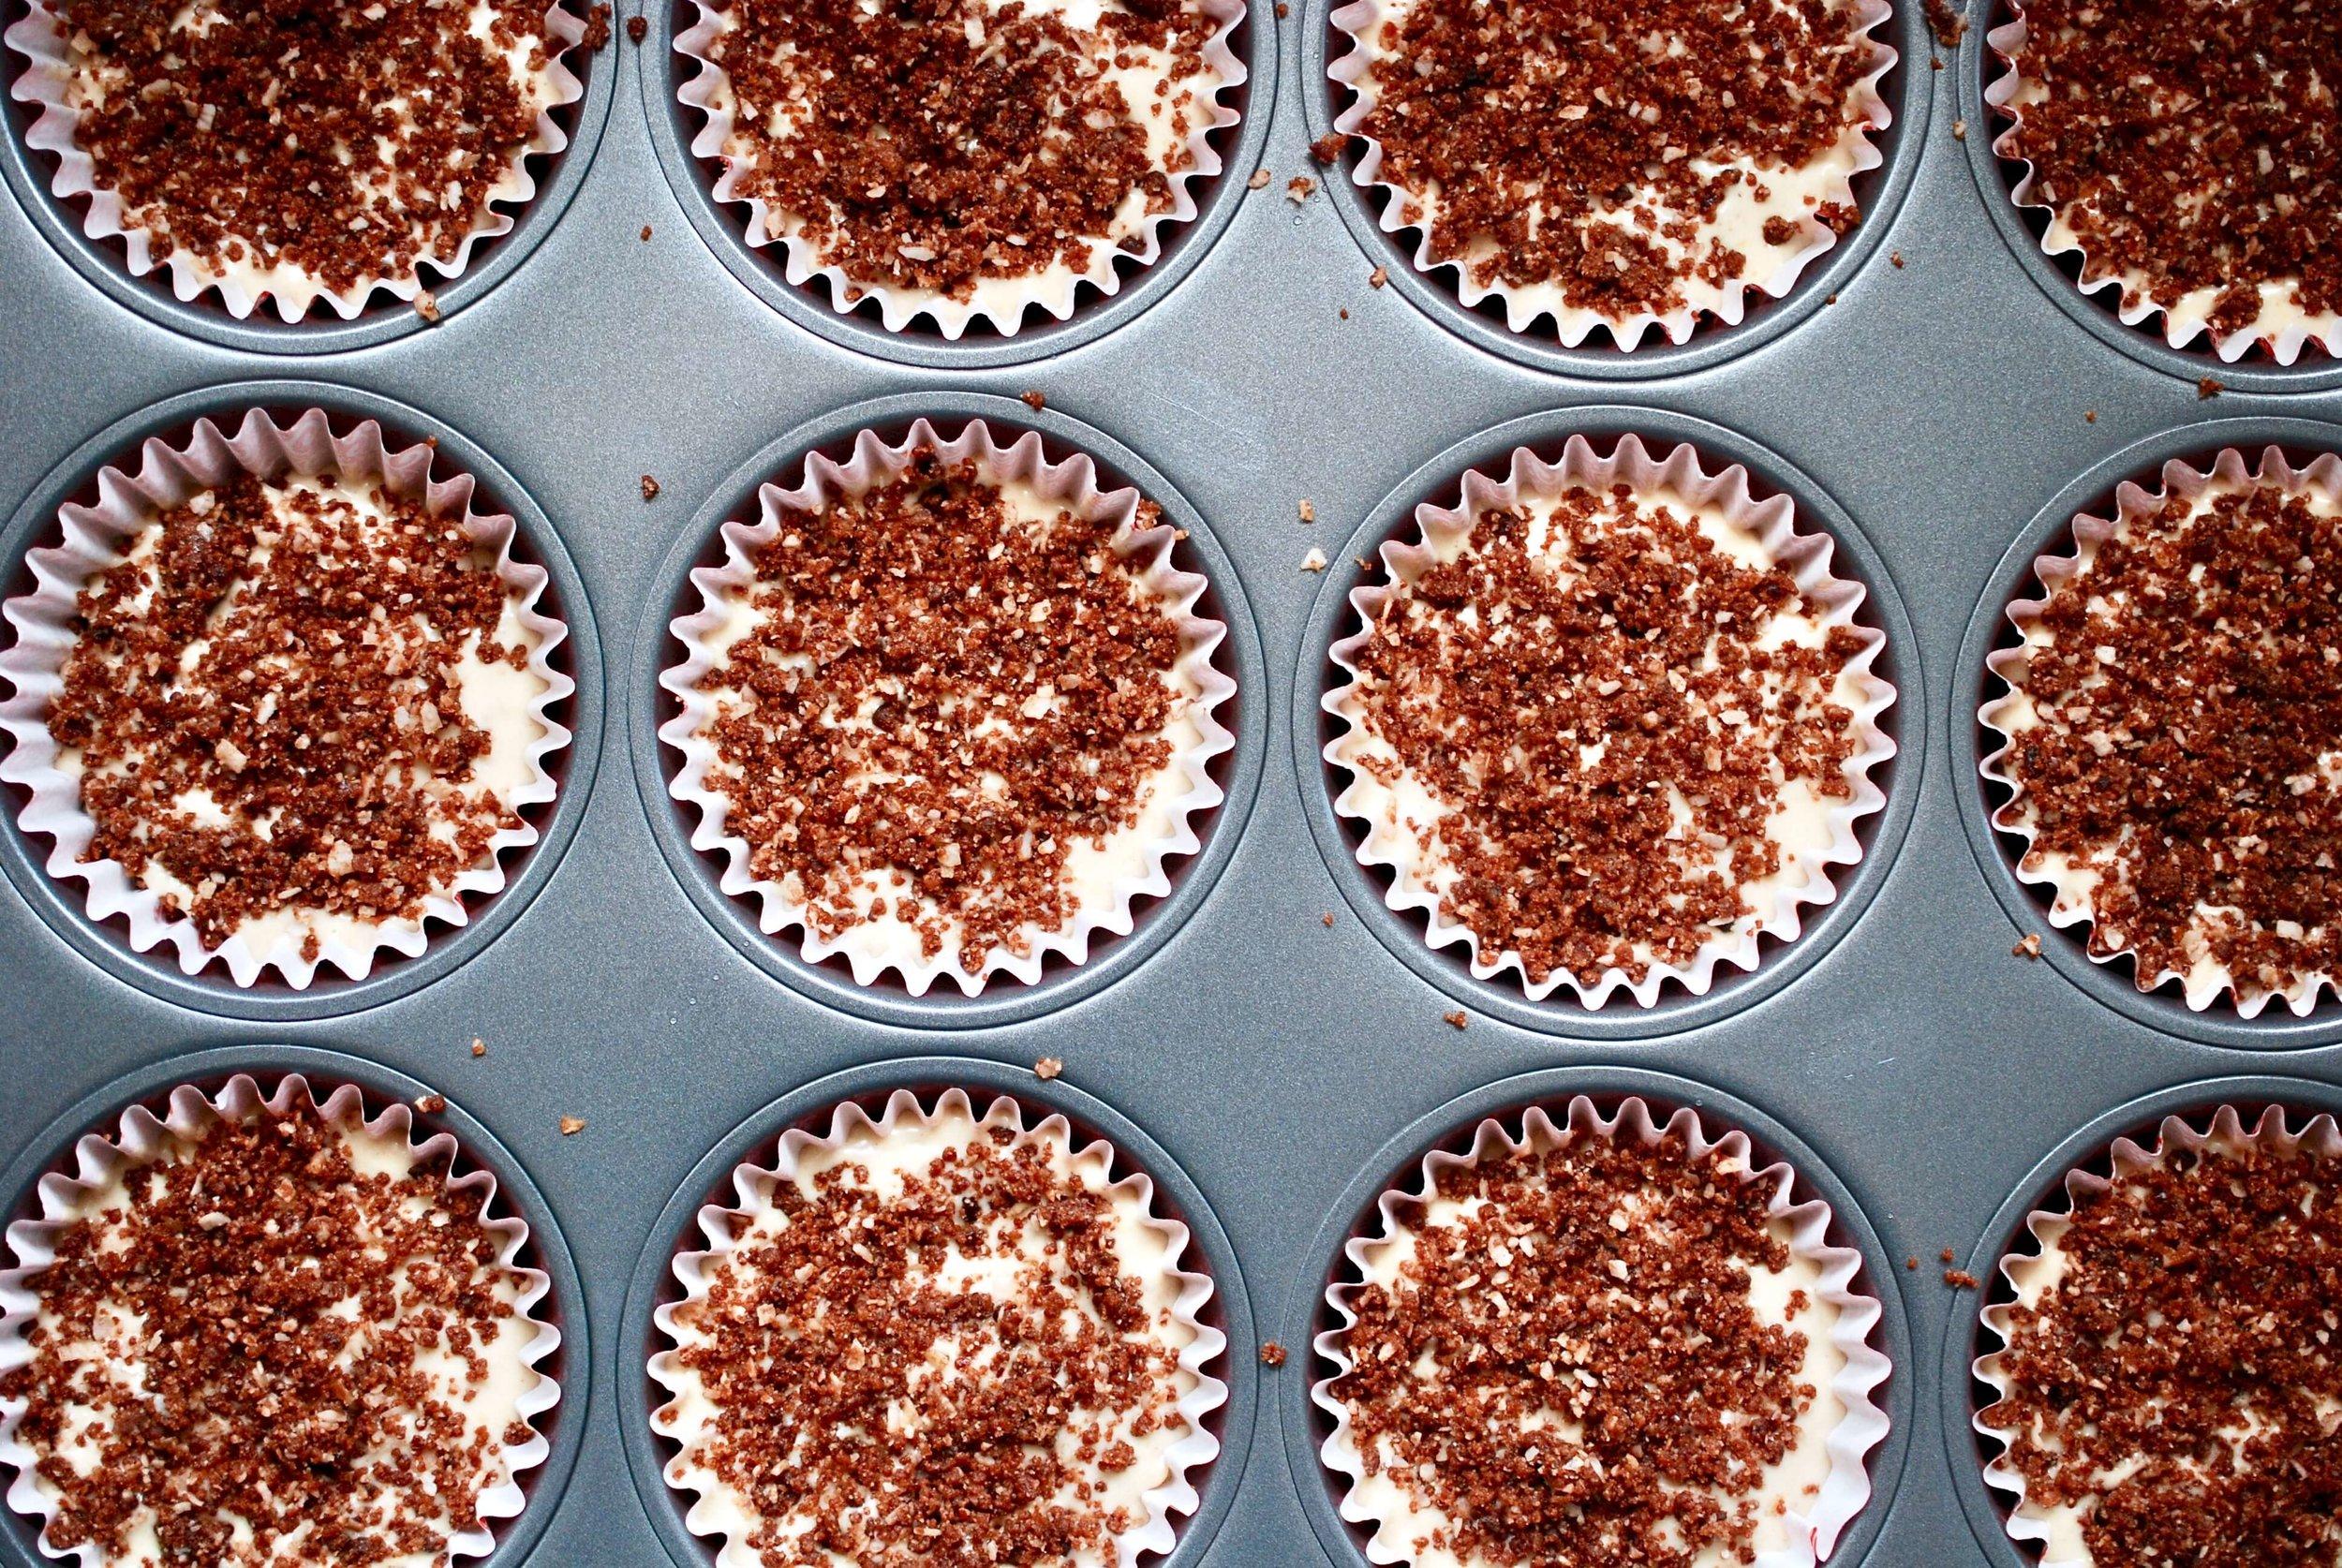 Muffin Tin_5.jpg